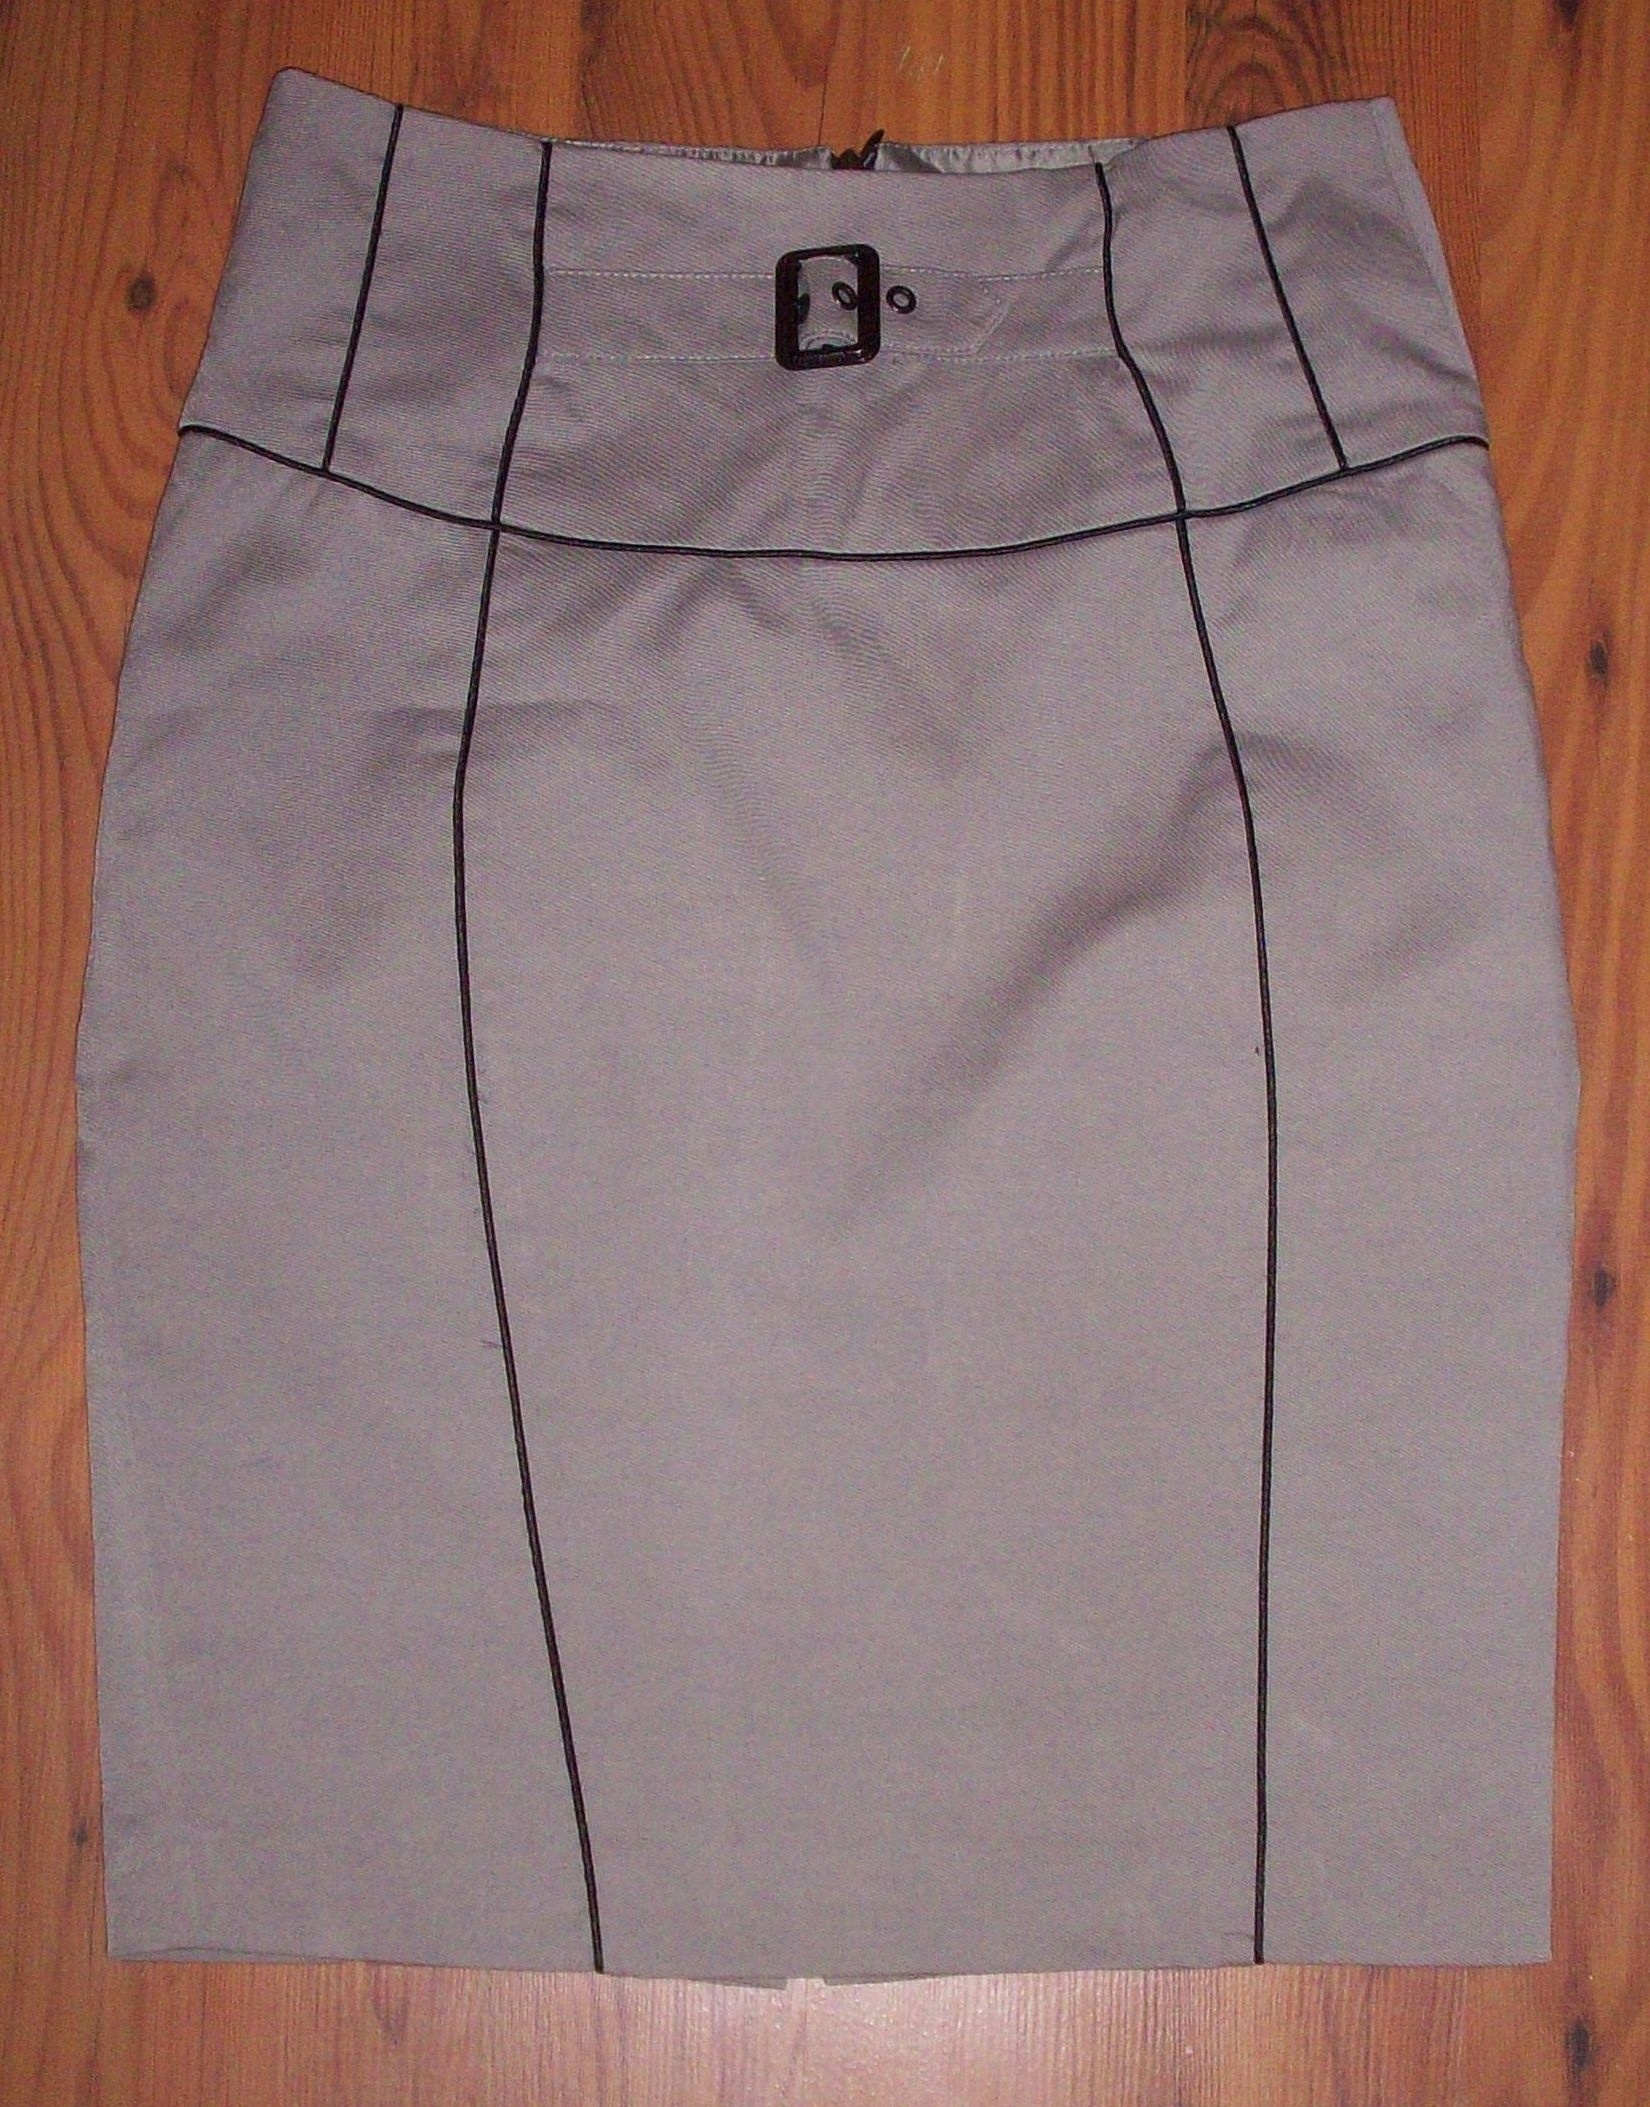 Spódnica brązowa czarna MOHITO 36 S